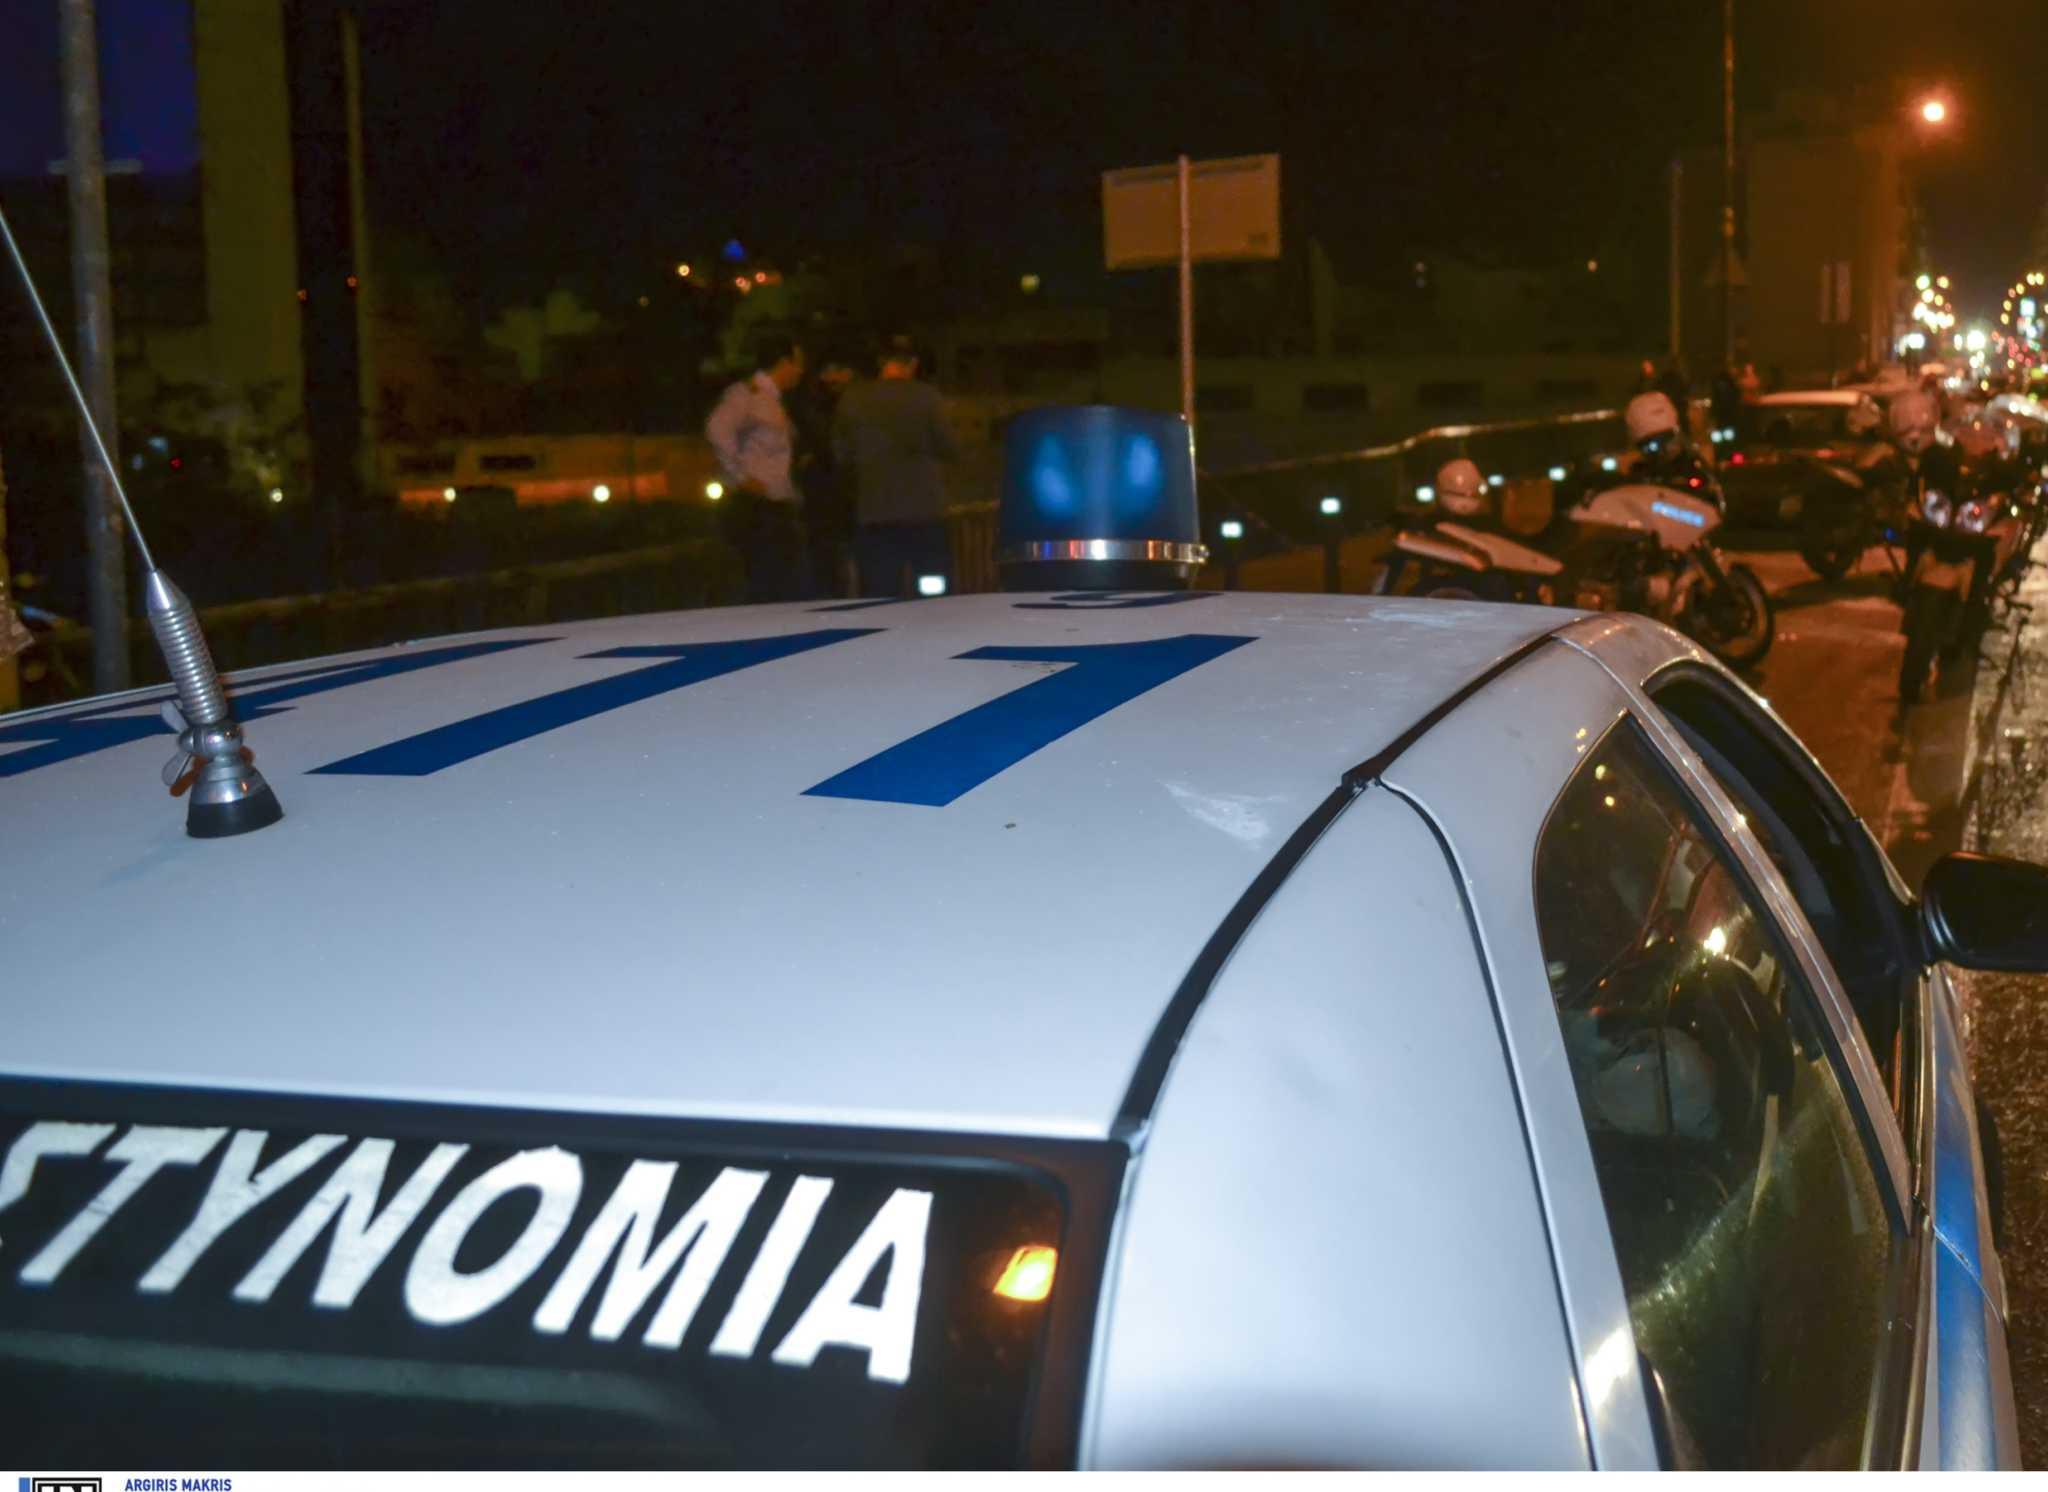 Πυροβολισμοί μεταξύ οπαδών στο Μεσολόγγι – Σε εξέλιξη αστυνομικές έρευνες